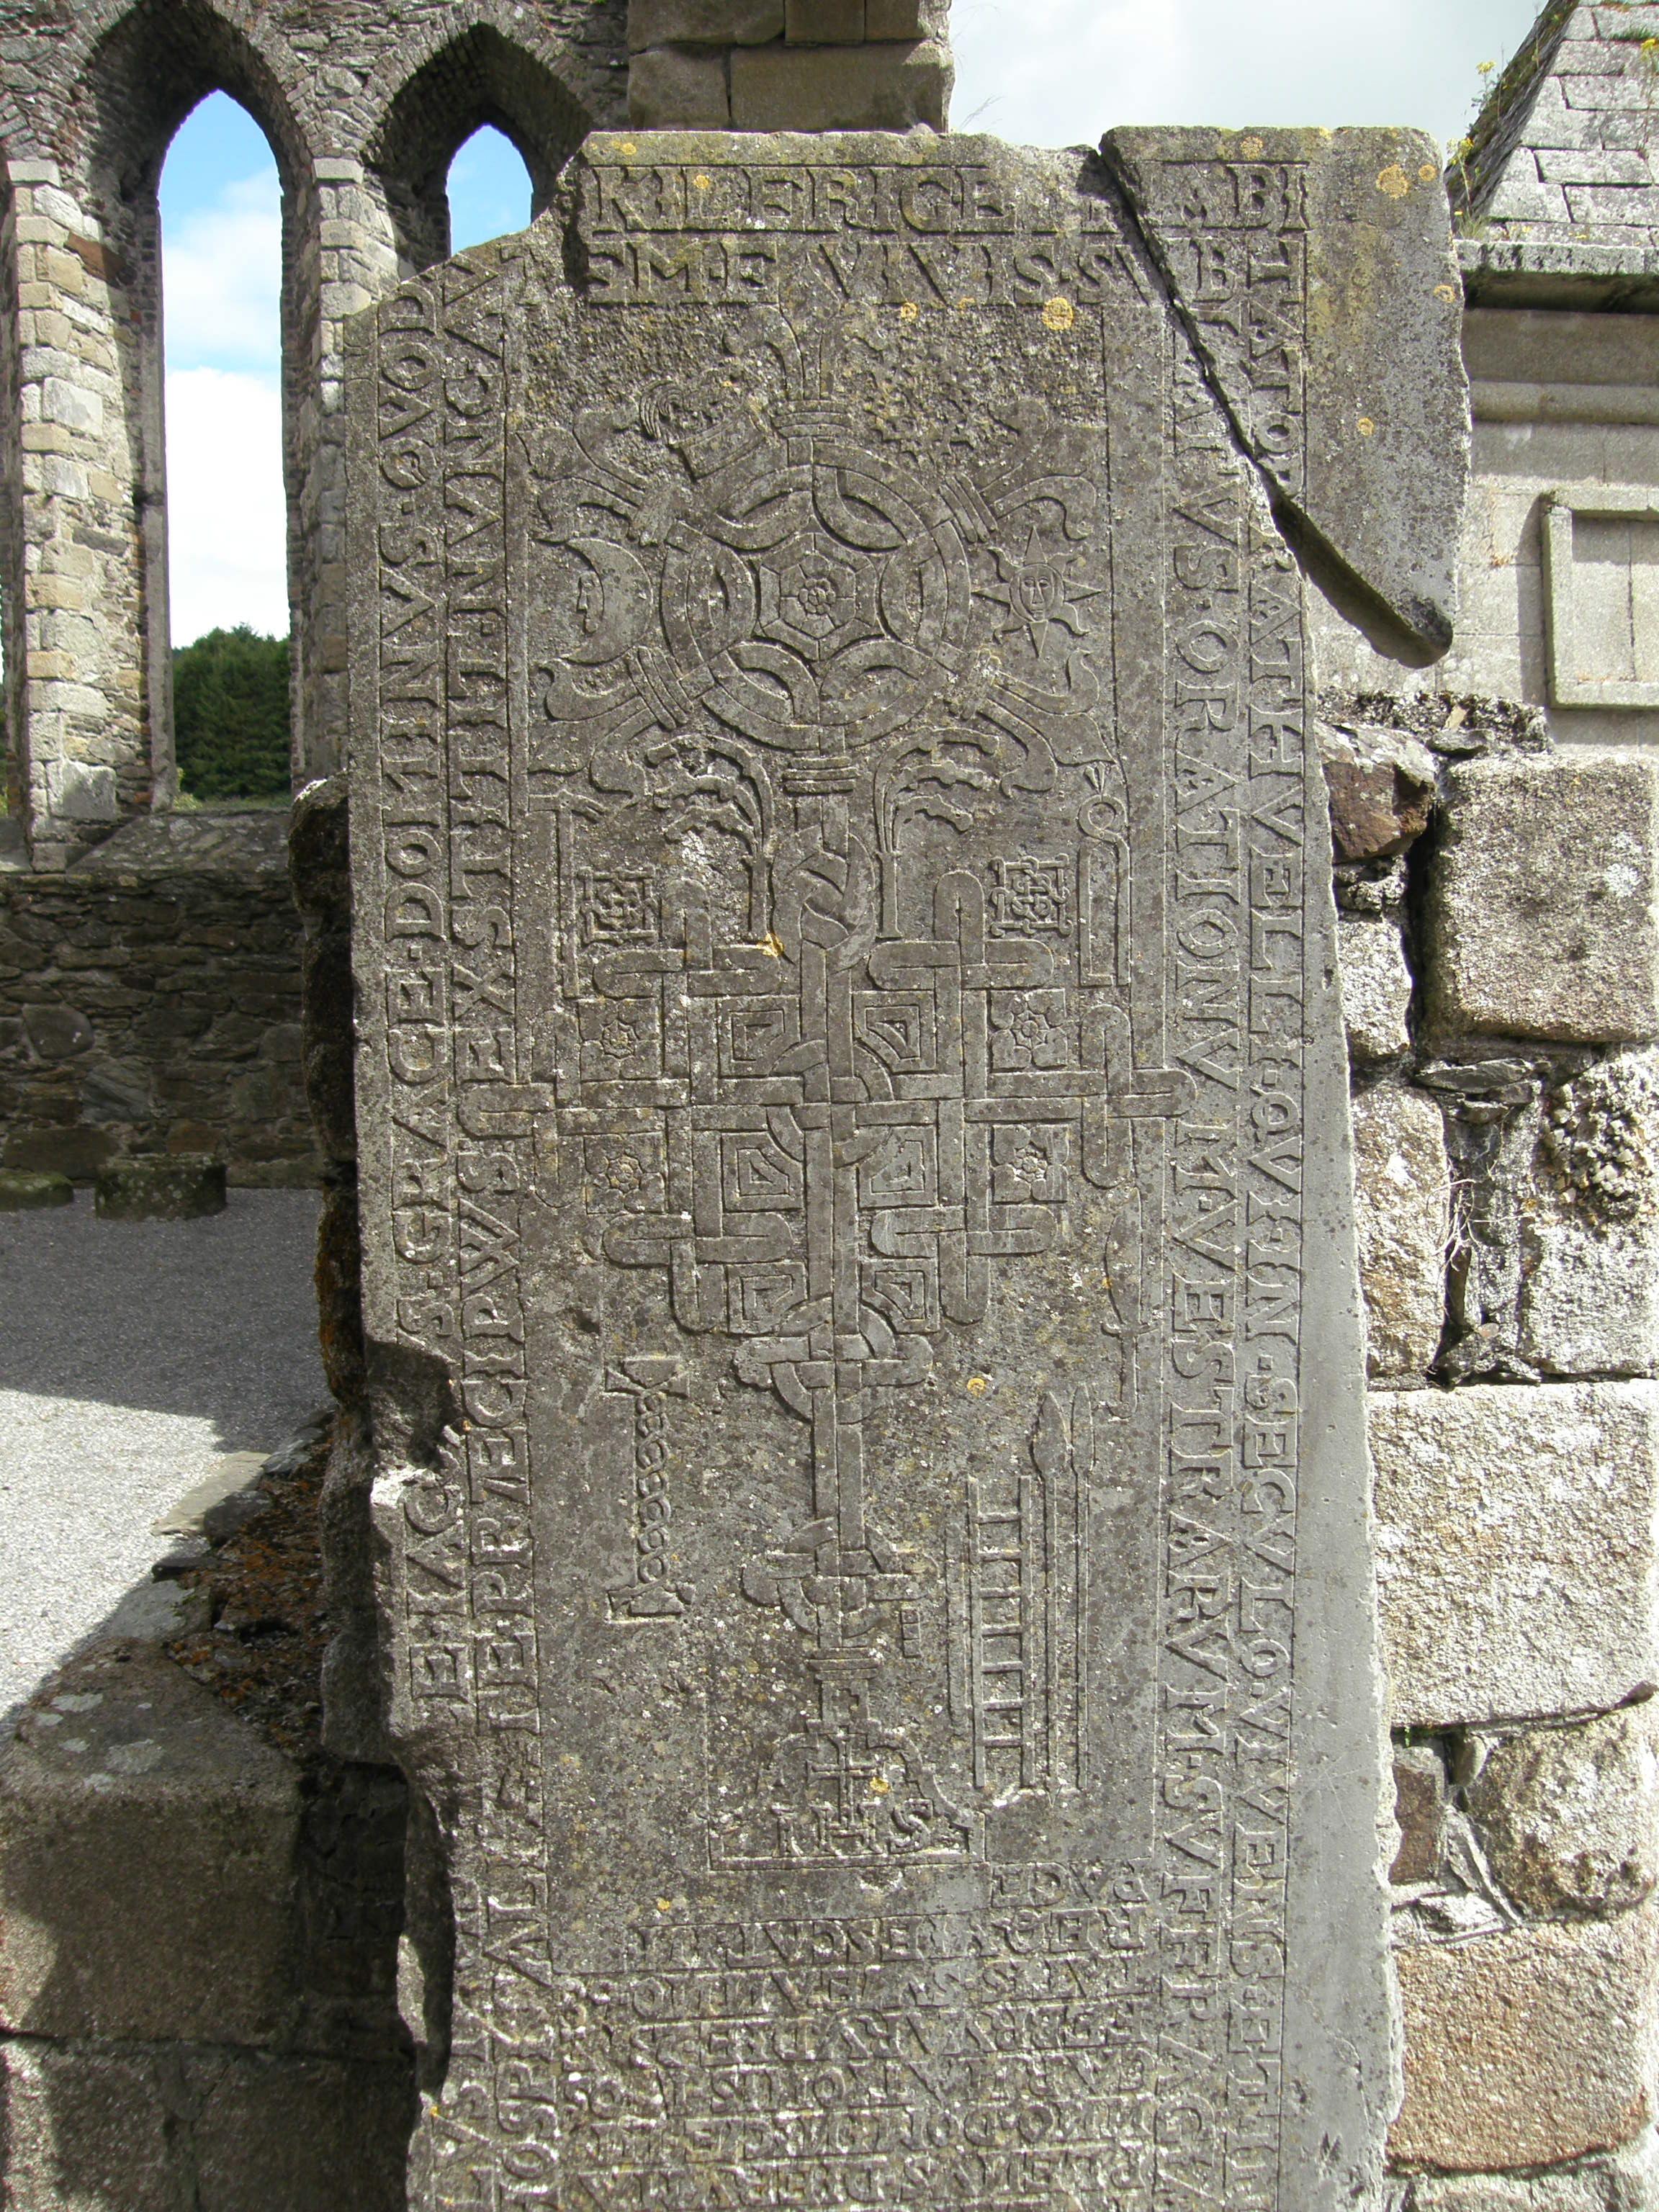 Baltinglass Tile showing Ornate Celtic Knotwork